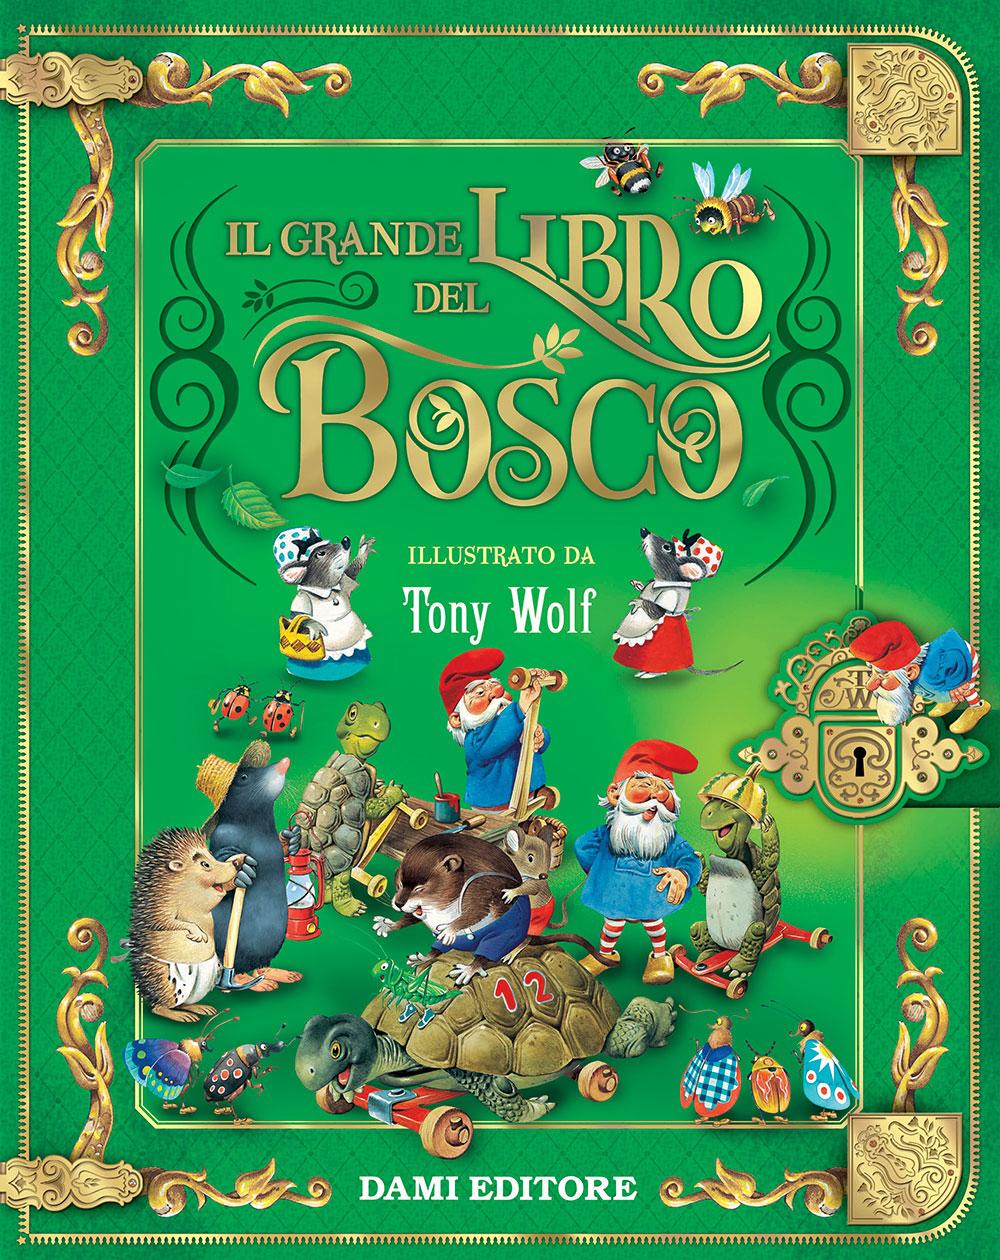 Il grande libro del bosco di Tony Wolf